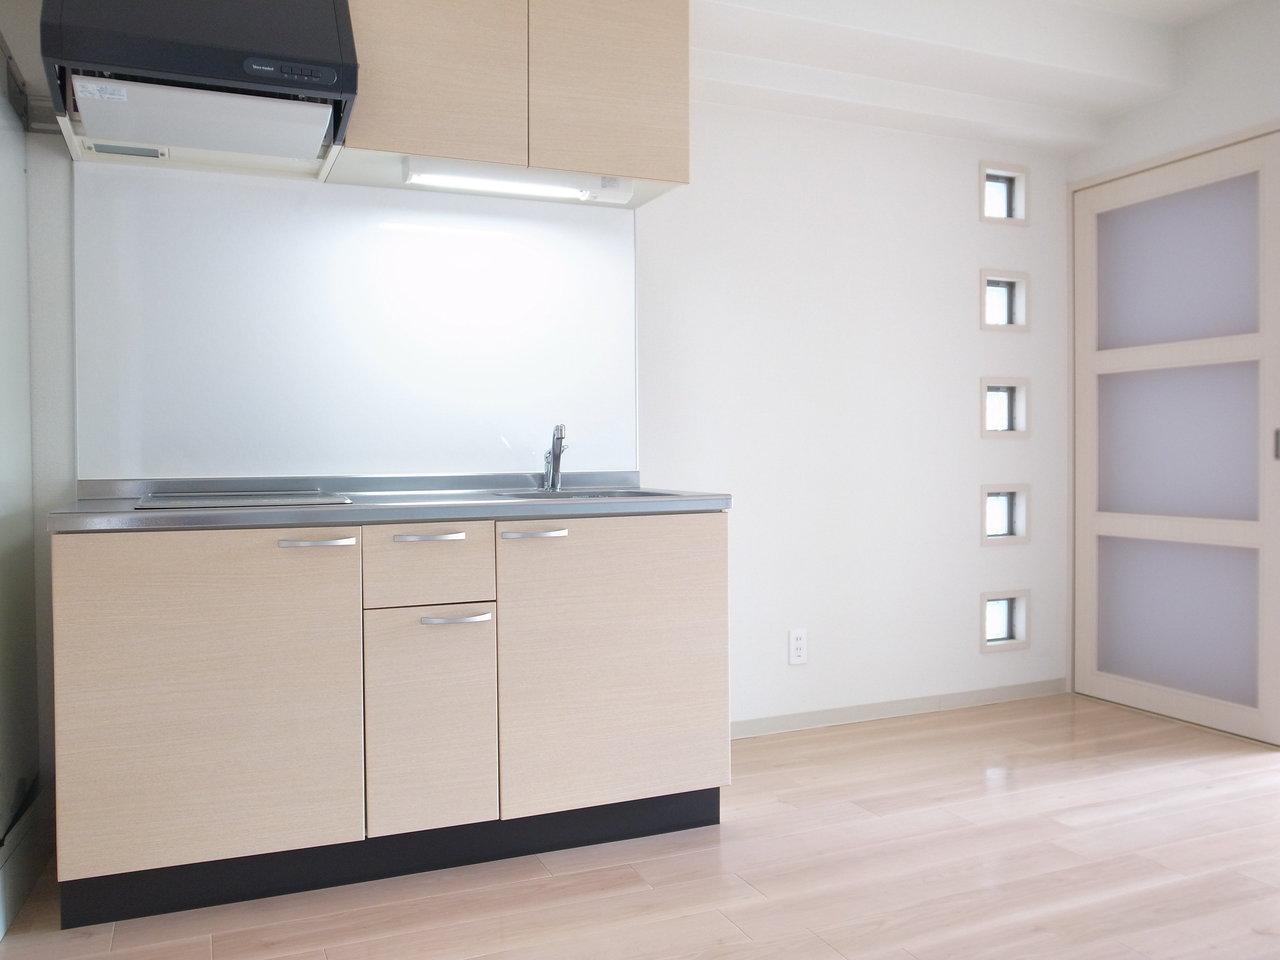 キッチンも、ふんわりとした色味のピンクで優しい印象に。収納スペースもあって、なかなか快適なキッチンになりそうです。